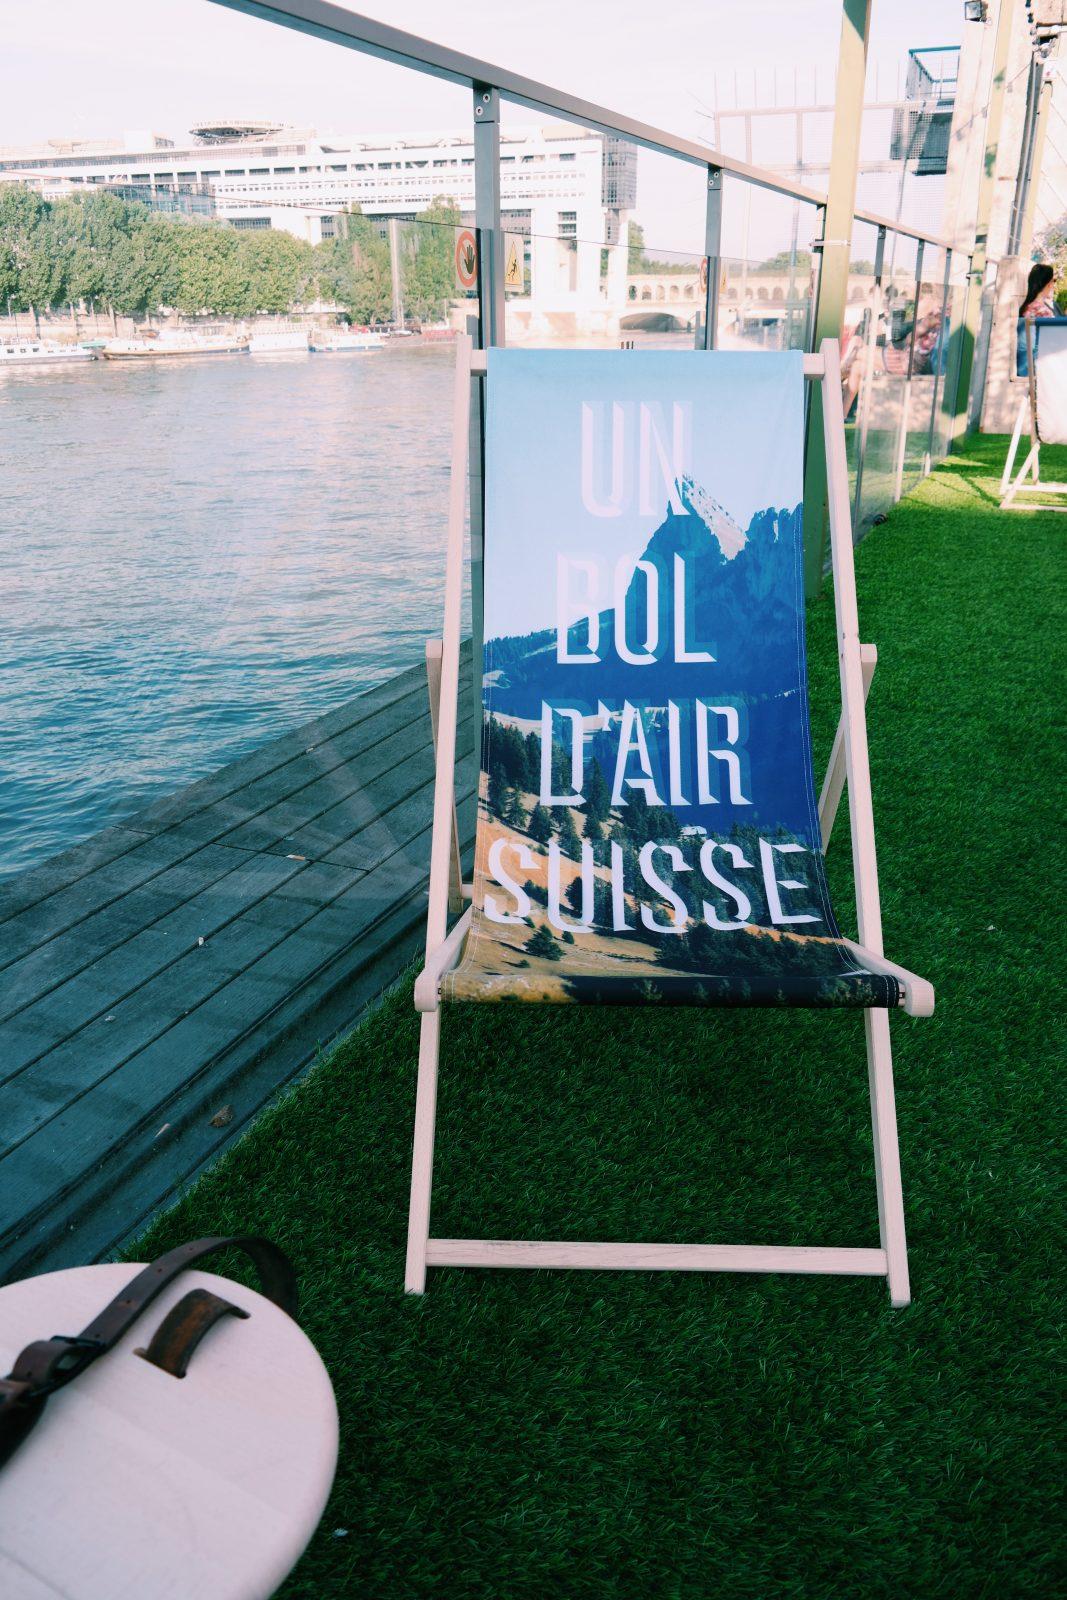 House-of-Switzerland-à-Paris-Wanderswiss-la-suisse-au-wanderlust-transat-bol-d-air-suisse-événements-sportifs-culturels-festifs-retransmission-matchs-Euro-2016-photo-usofparis-blog